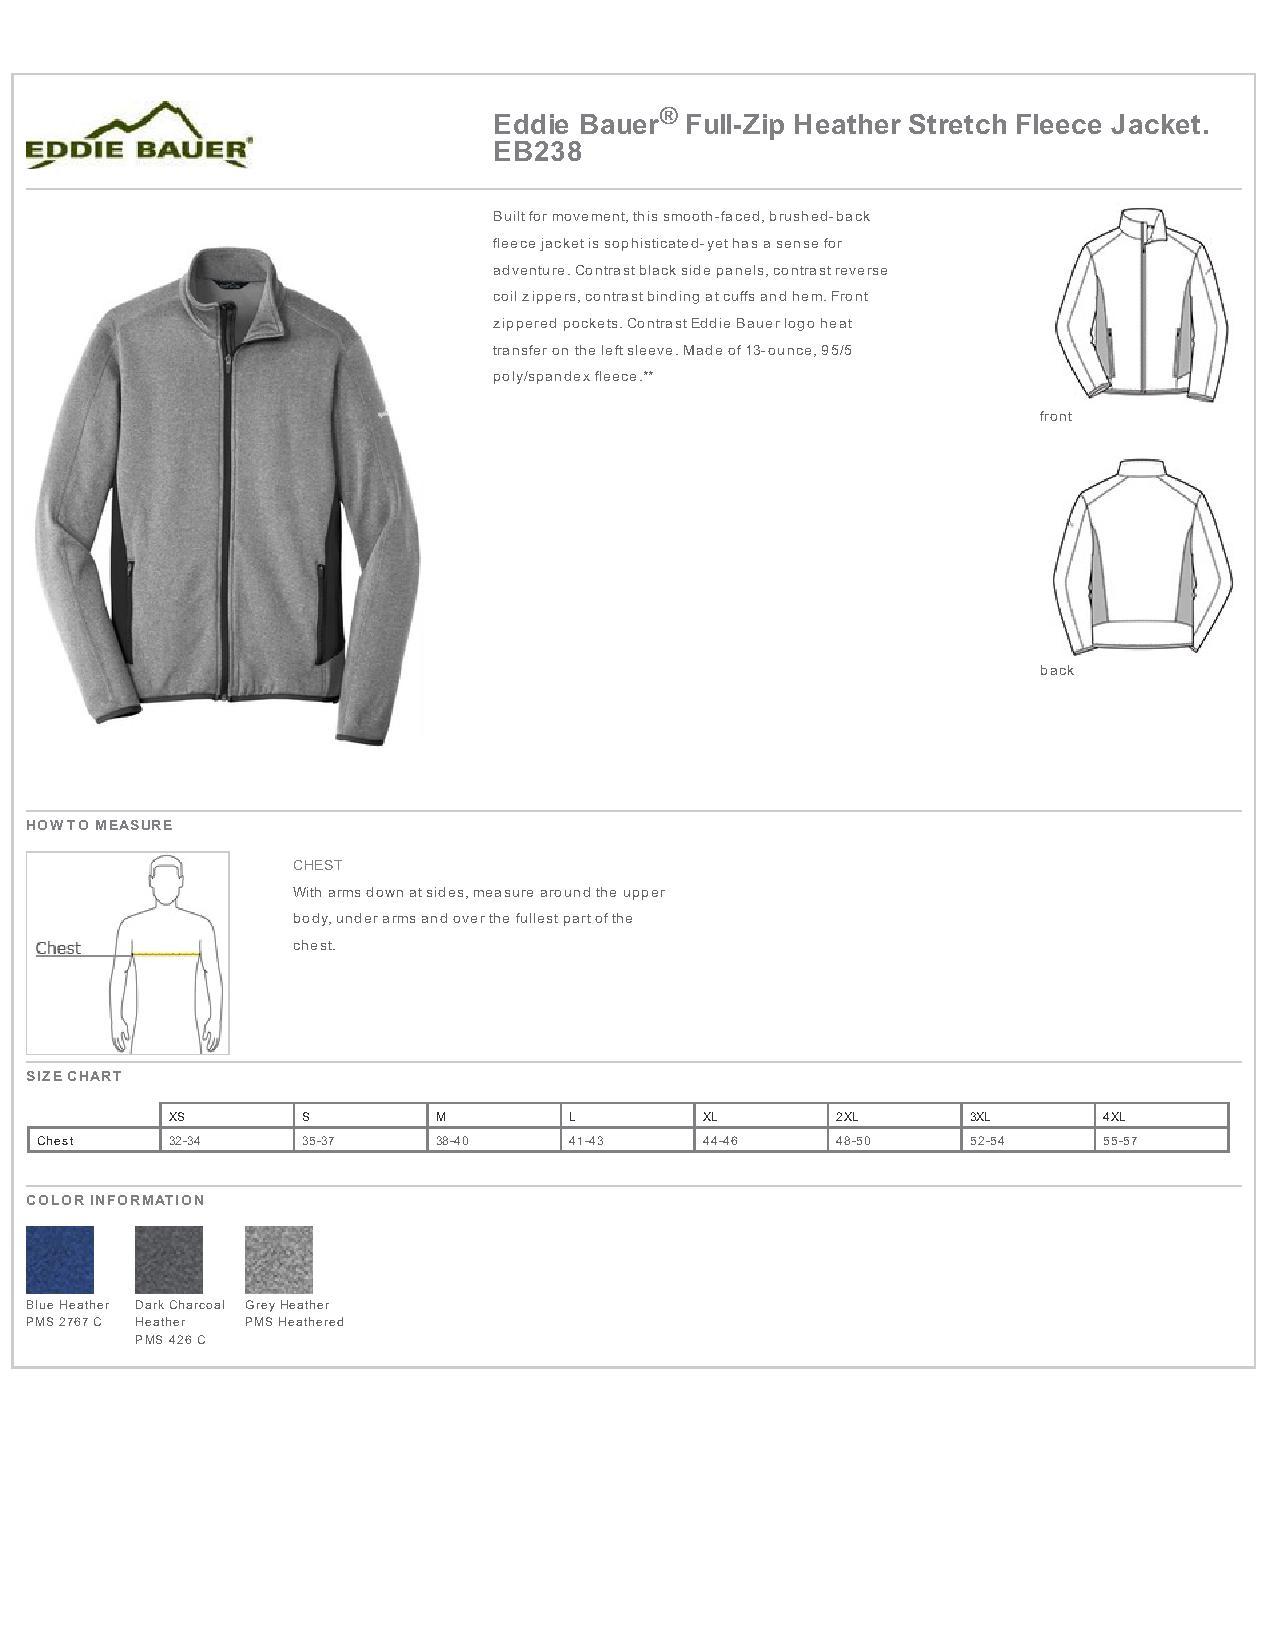 010d474034eb Eddie Bauer® EB238-Full-Zip Heather Stretch Fleece Jacket $49.66 ...